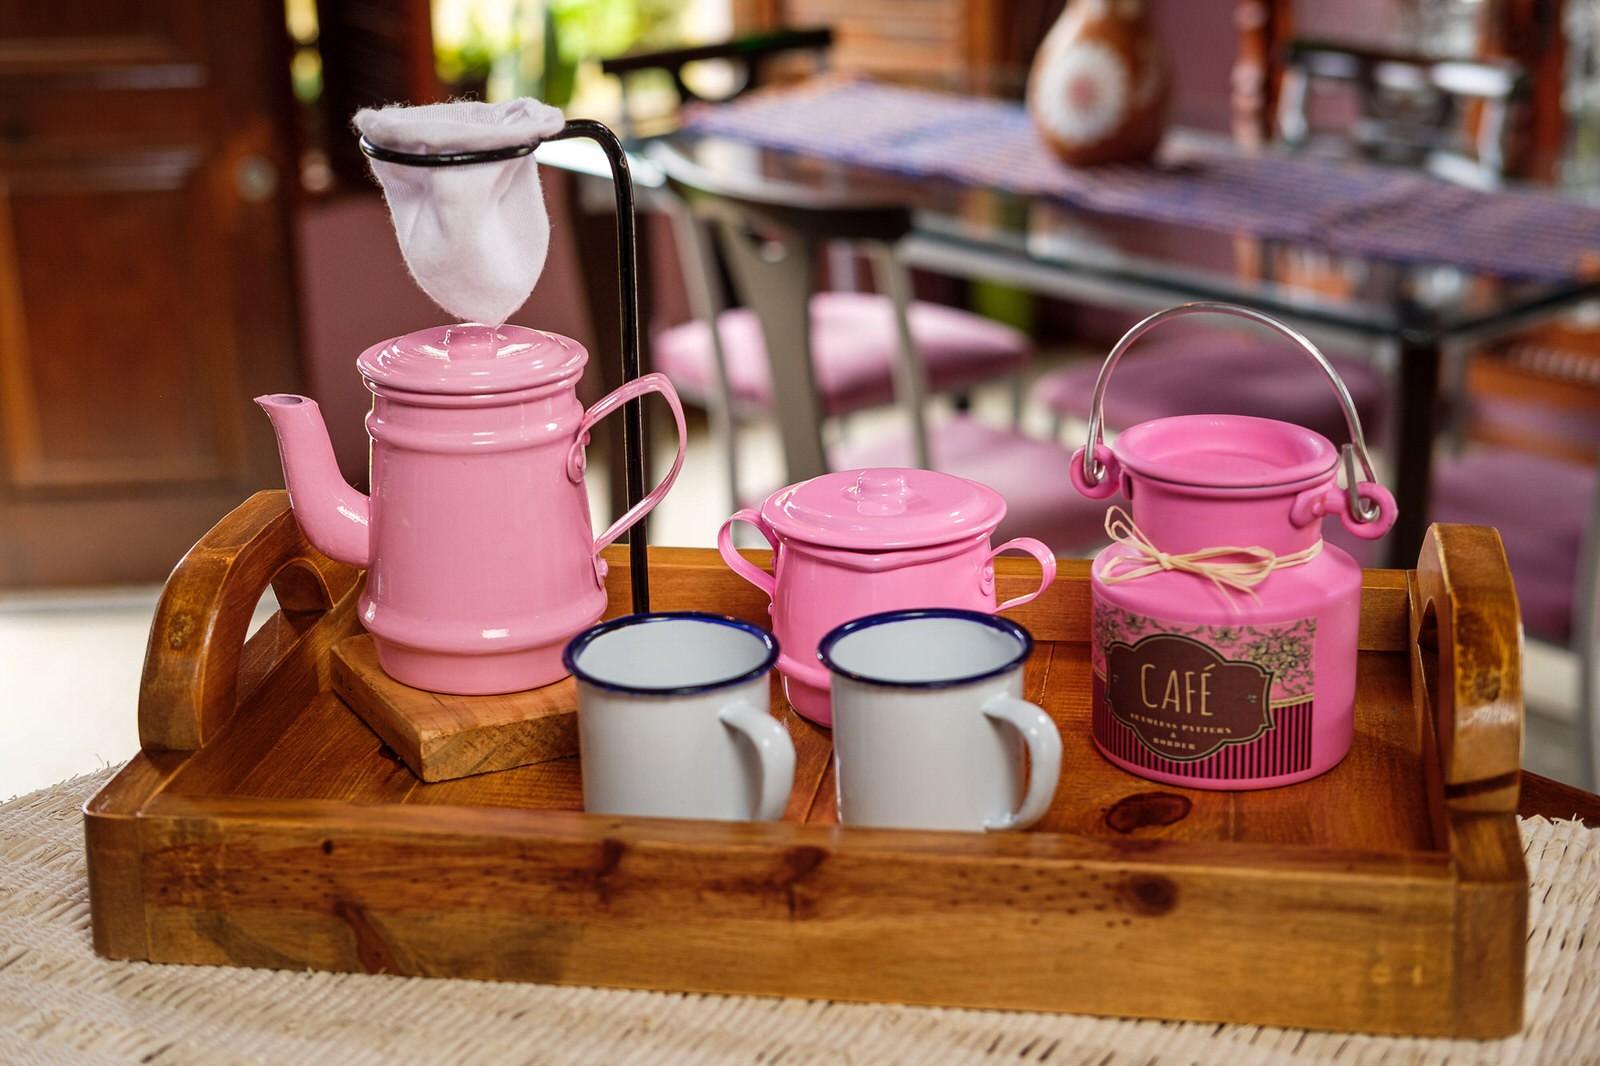 Kit Bandeja + Peças de Café / Rosa com Canecas Brancas